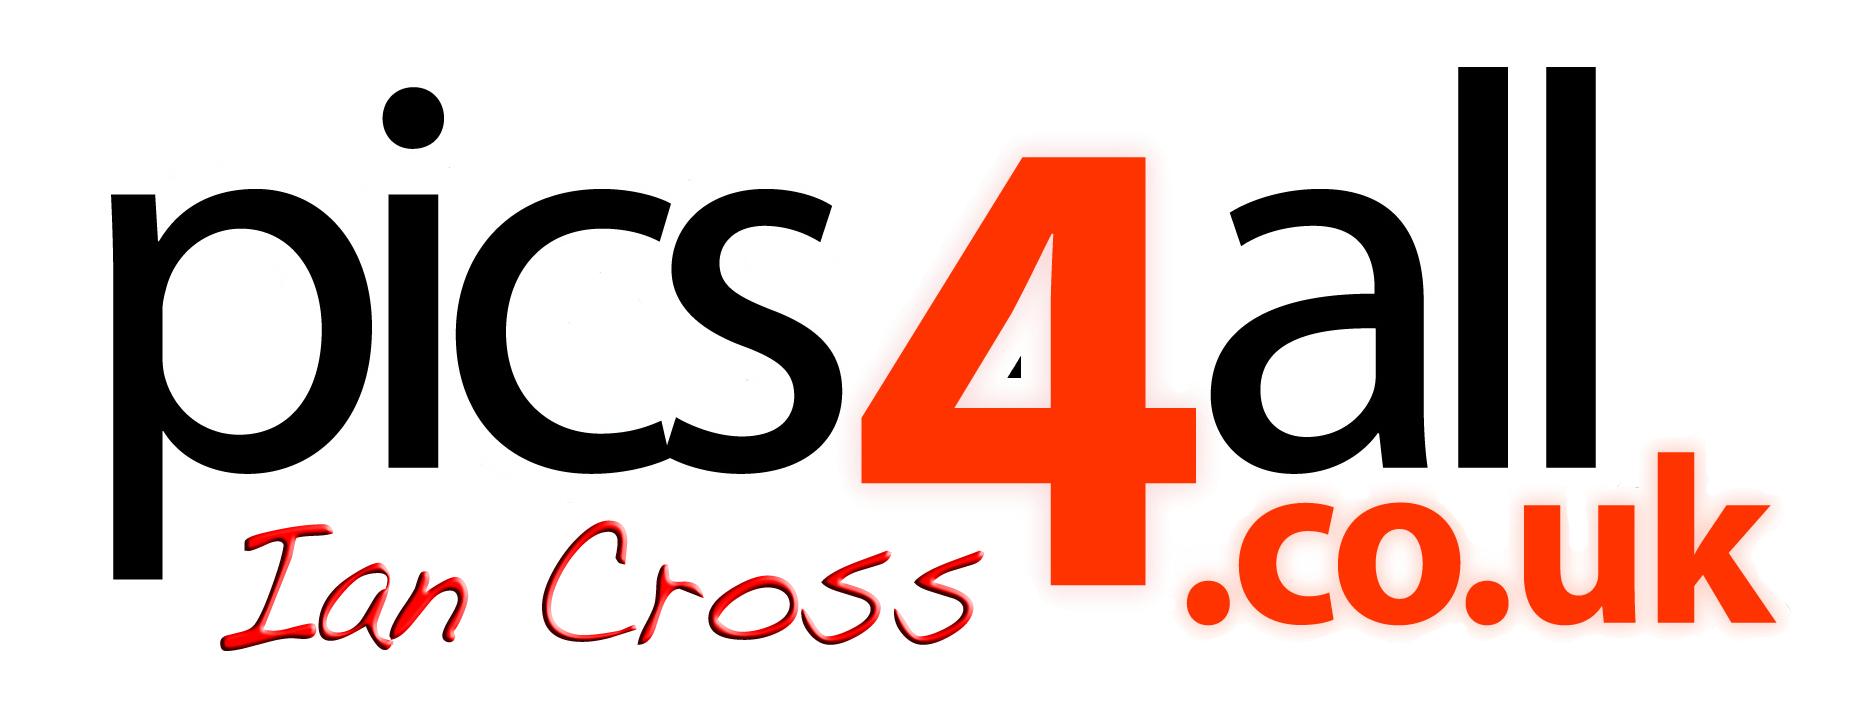 Ian Cross www.pics4all.co.uk